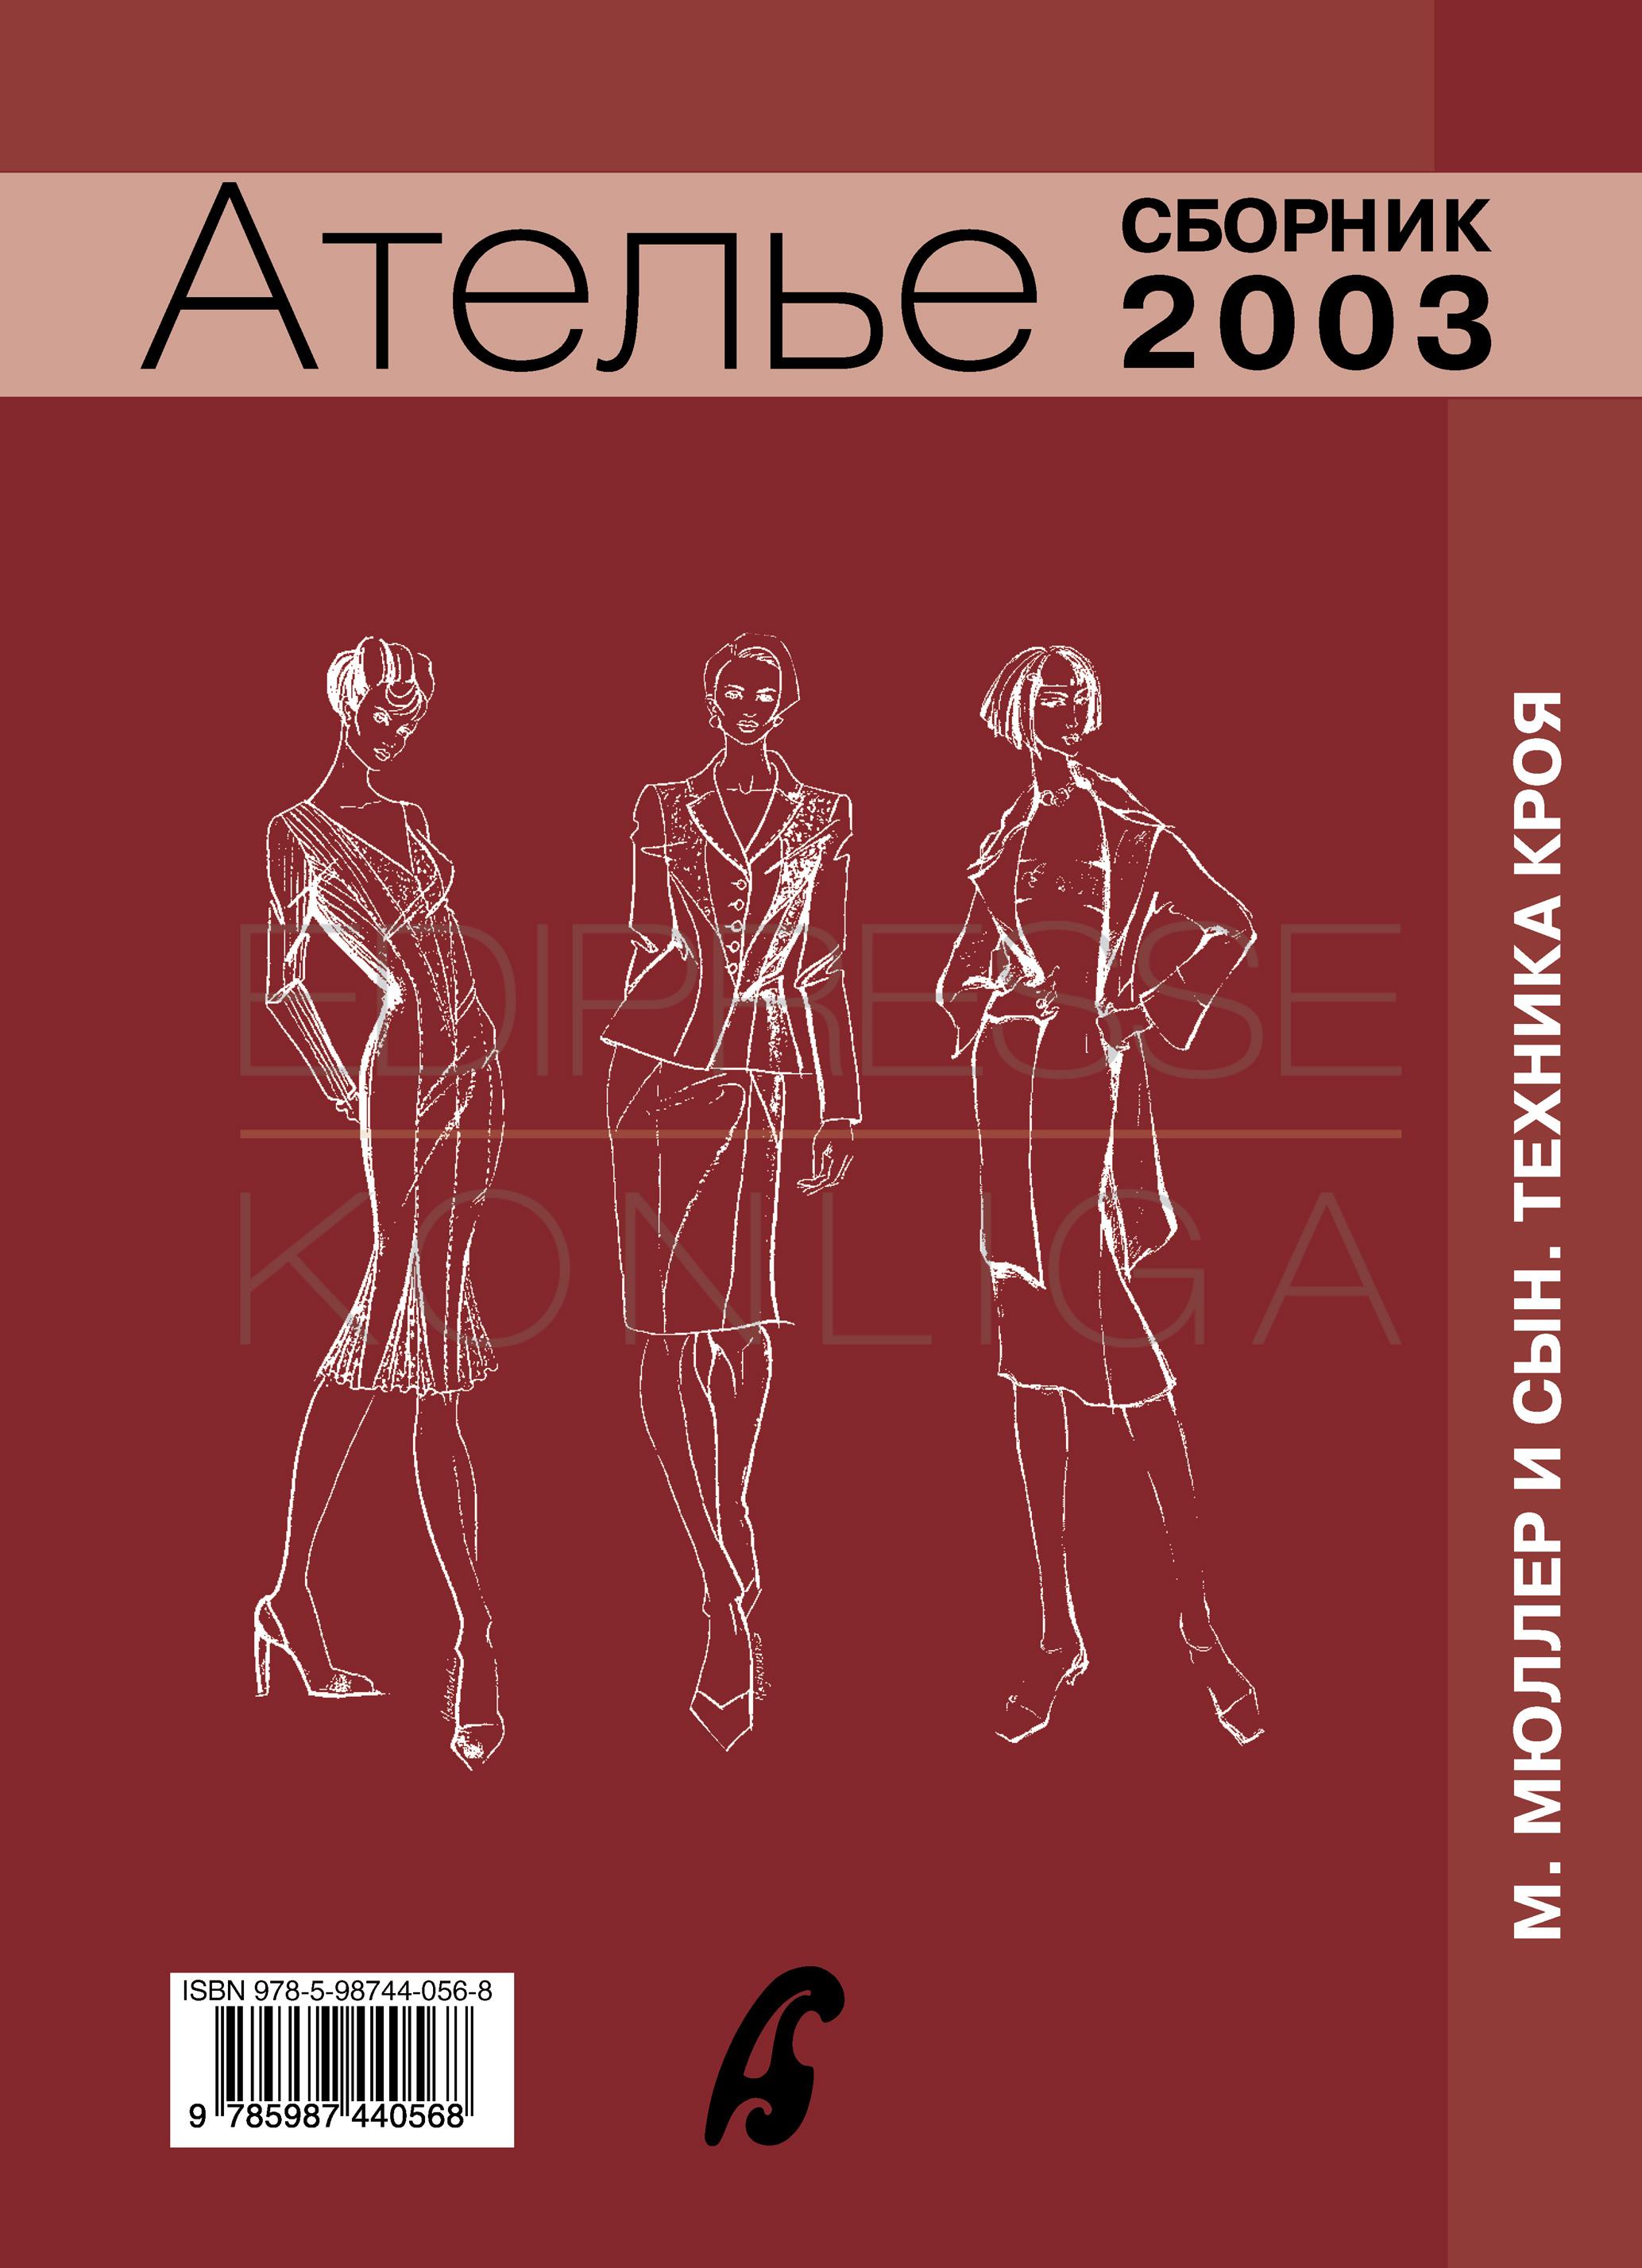 Сборник Сборник «Ателье – 2003». М.Мюллер и сын. Техника кроя